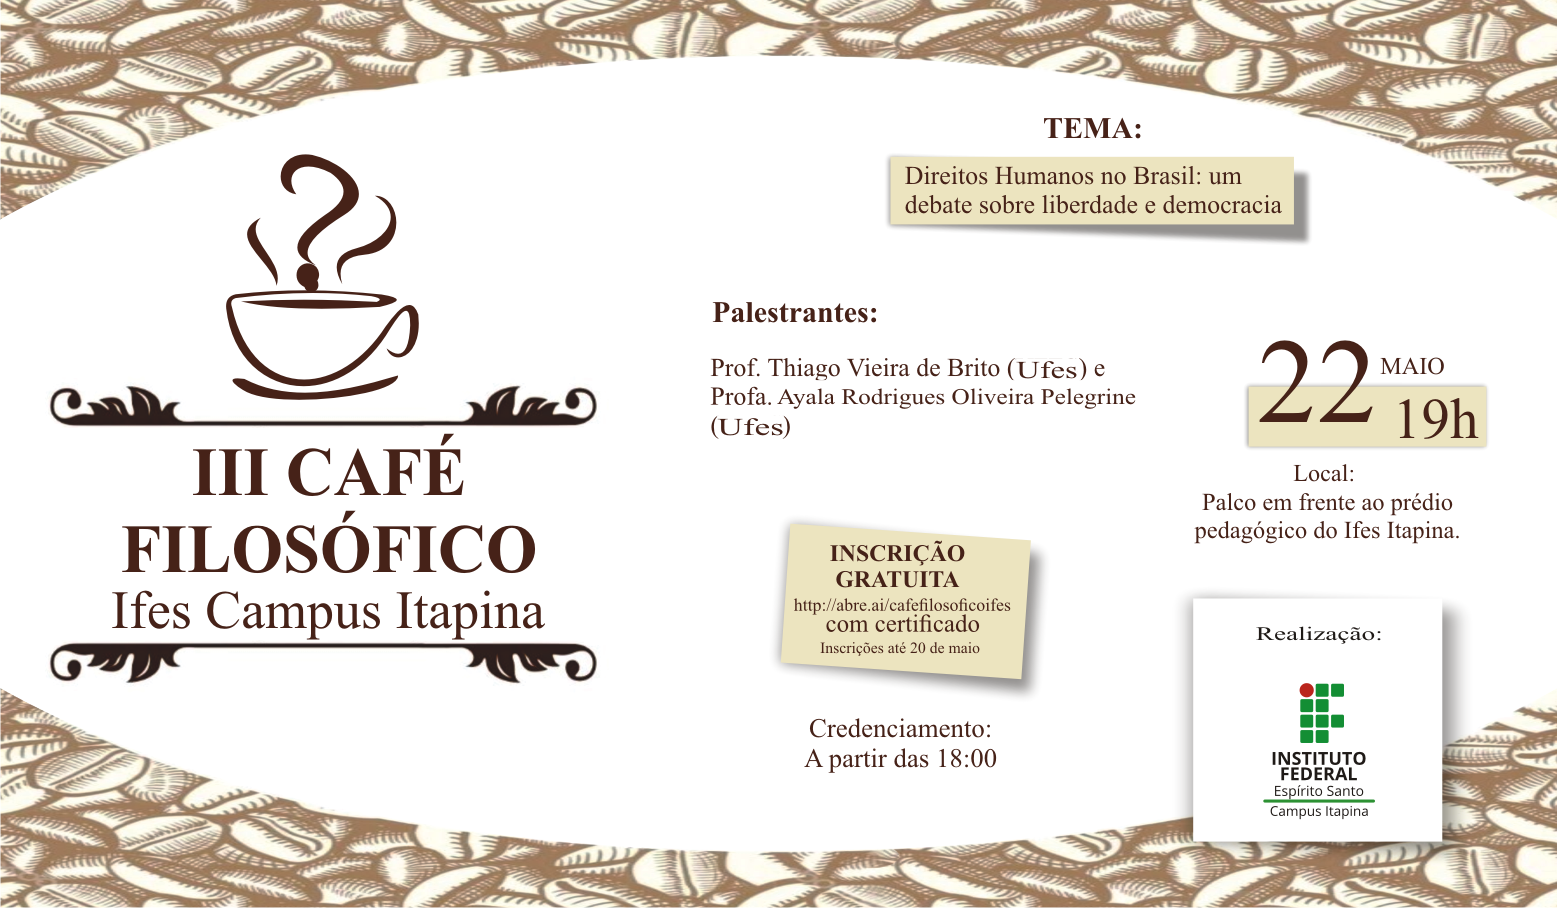 Campus Itapina realizará III Café Filosófico